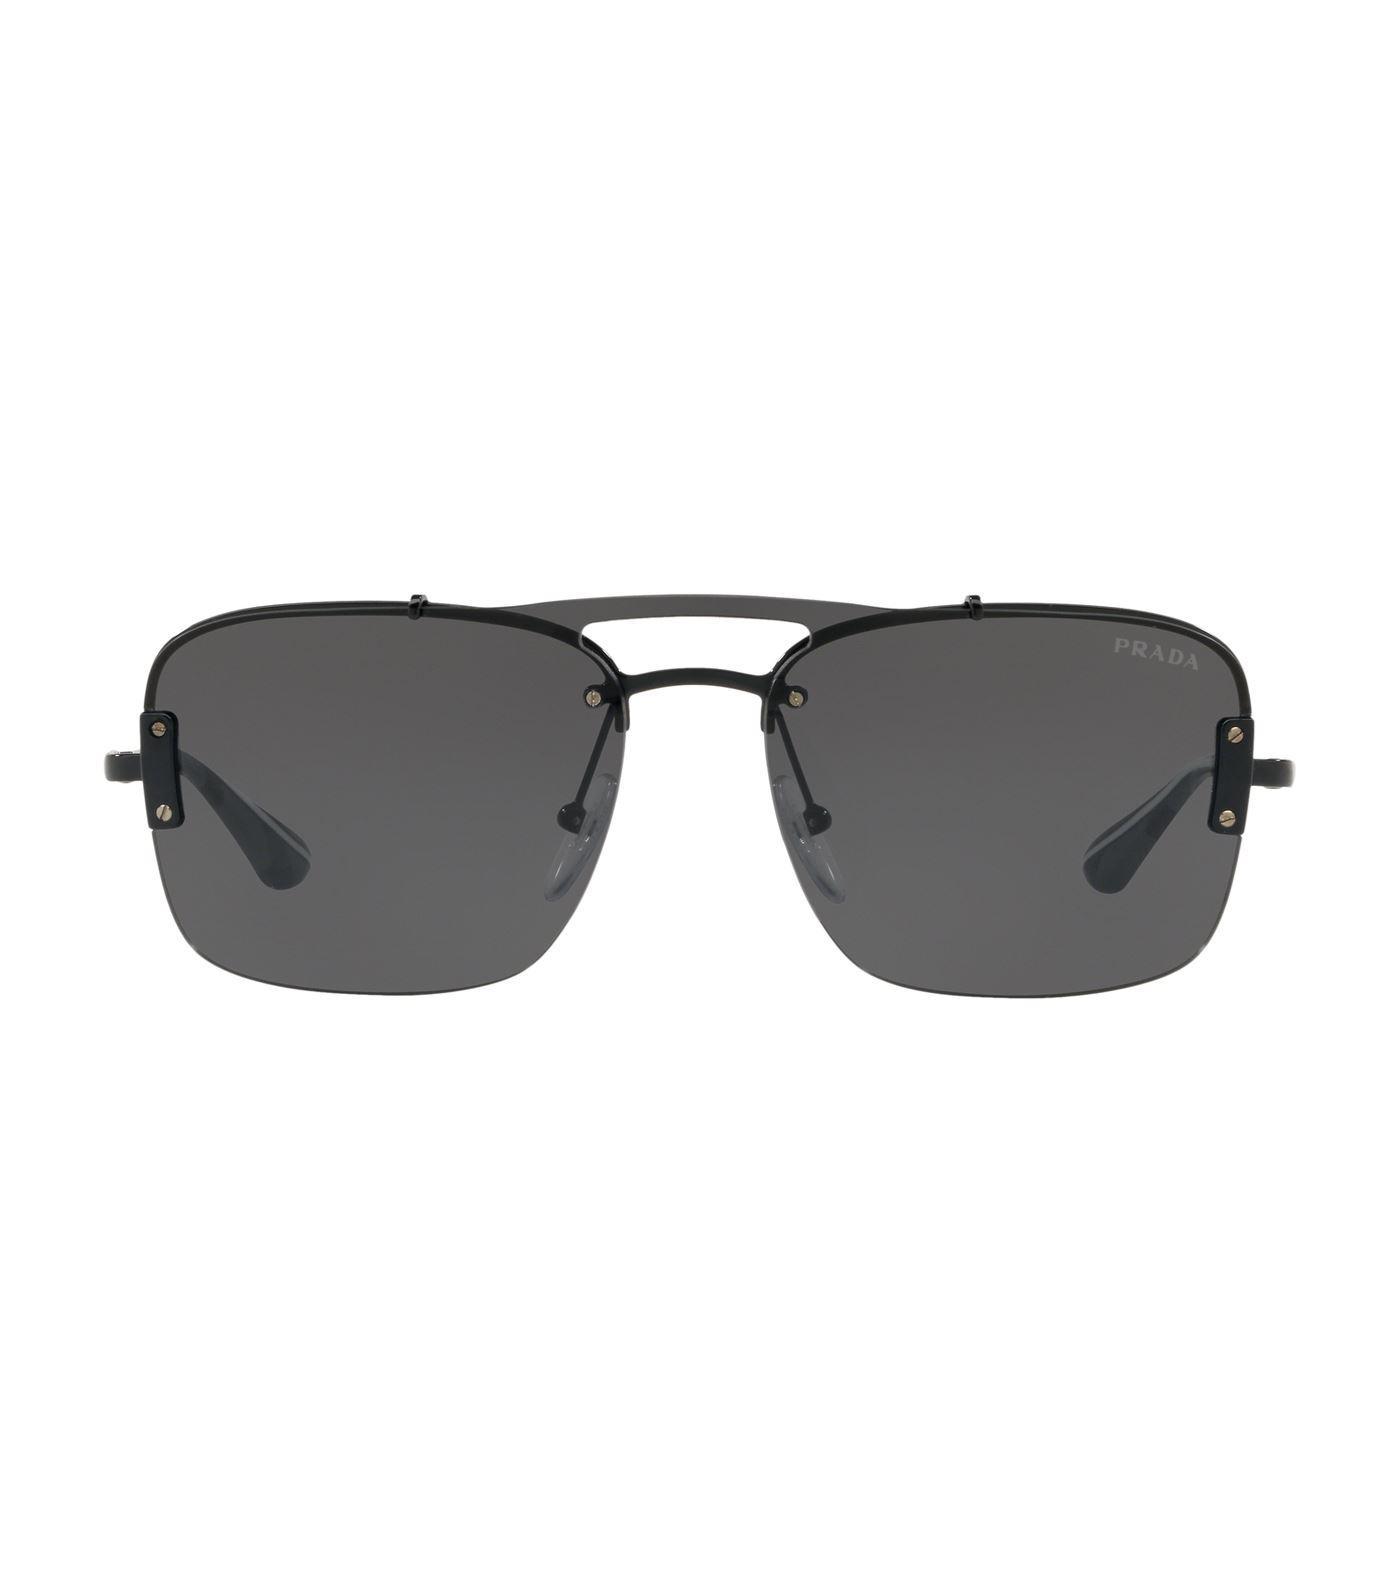 918bd296c5 Prada - Black Pillow Sunglasses for Men - Lyst. View fullscreen